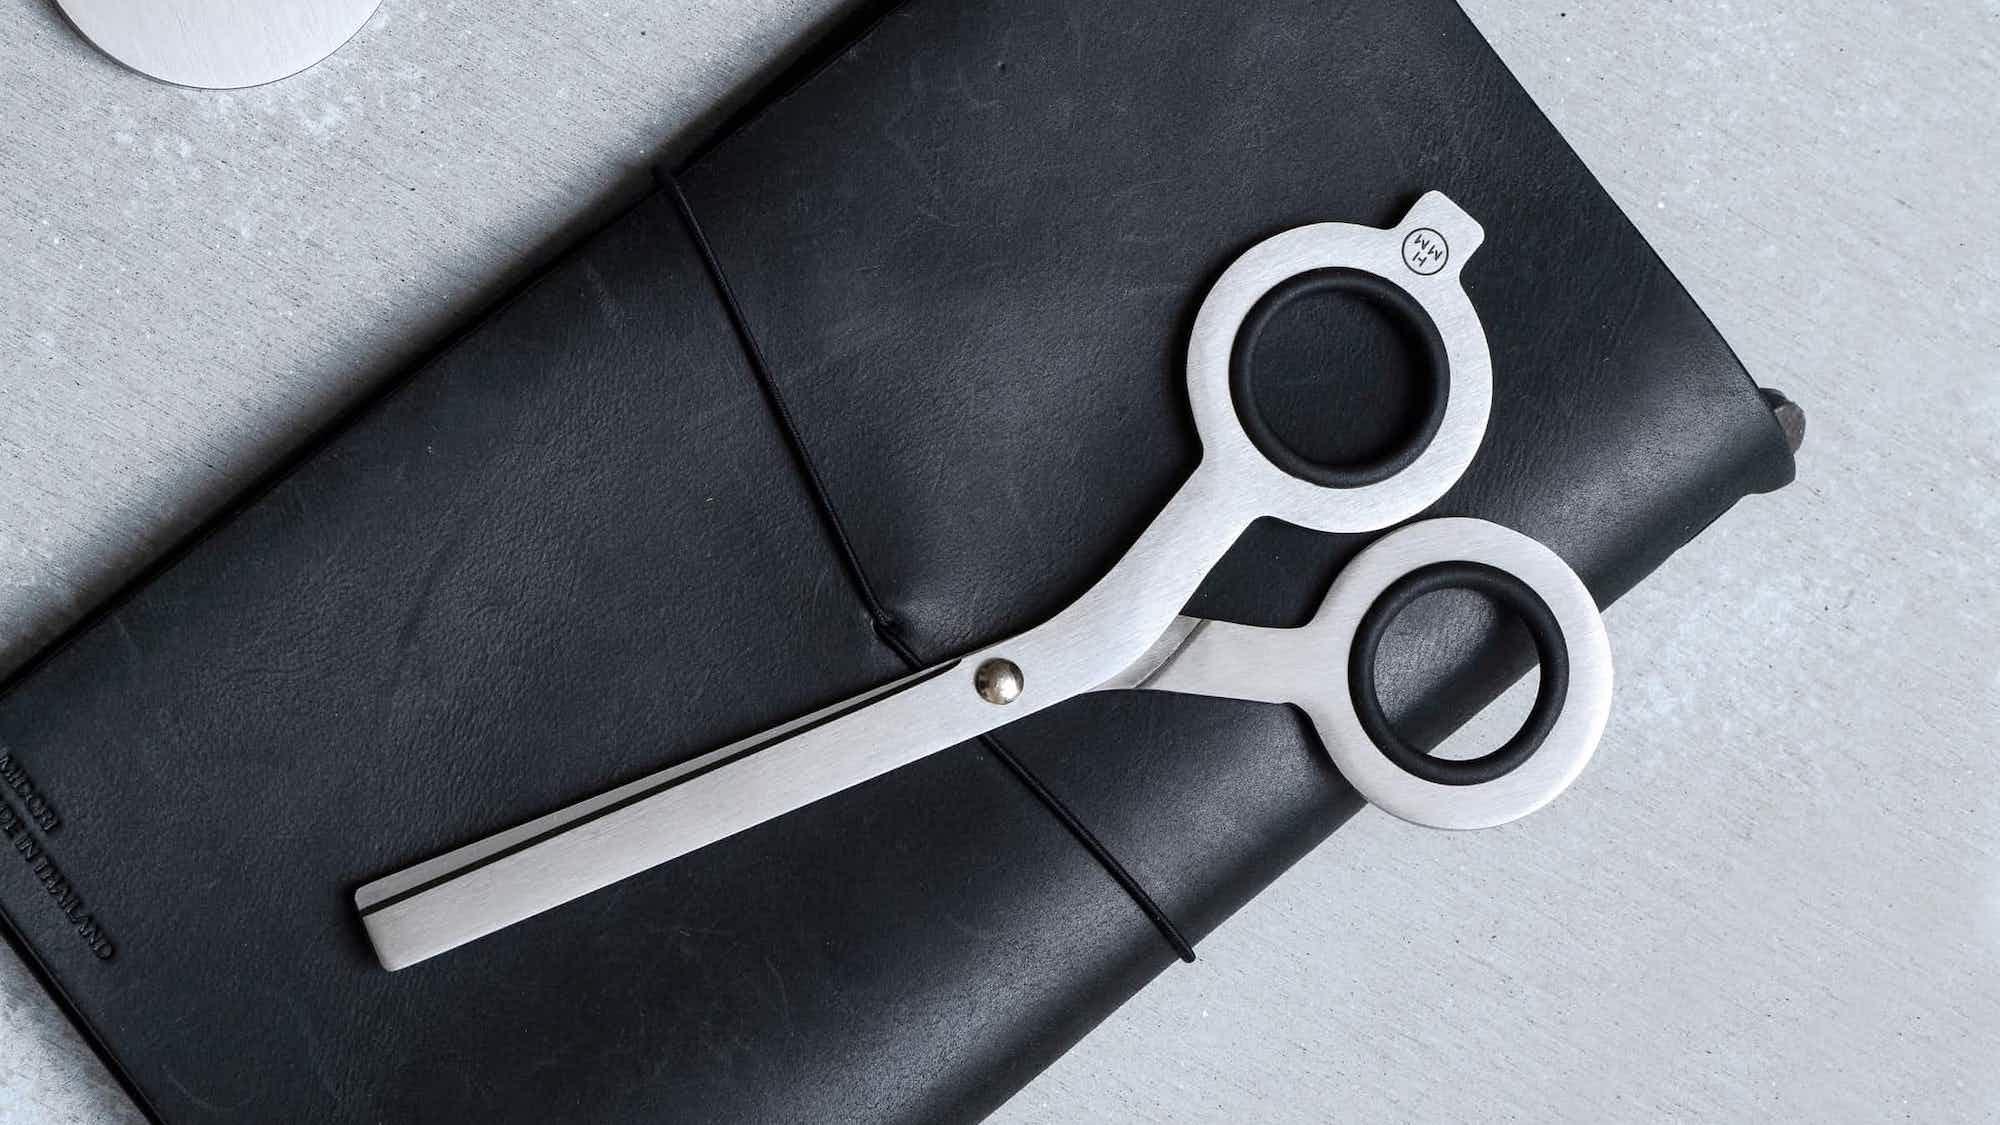 HMM 2-in-1 Minimal Scissors